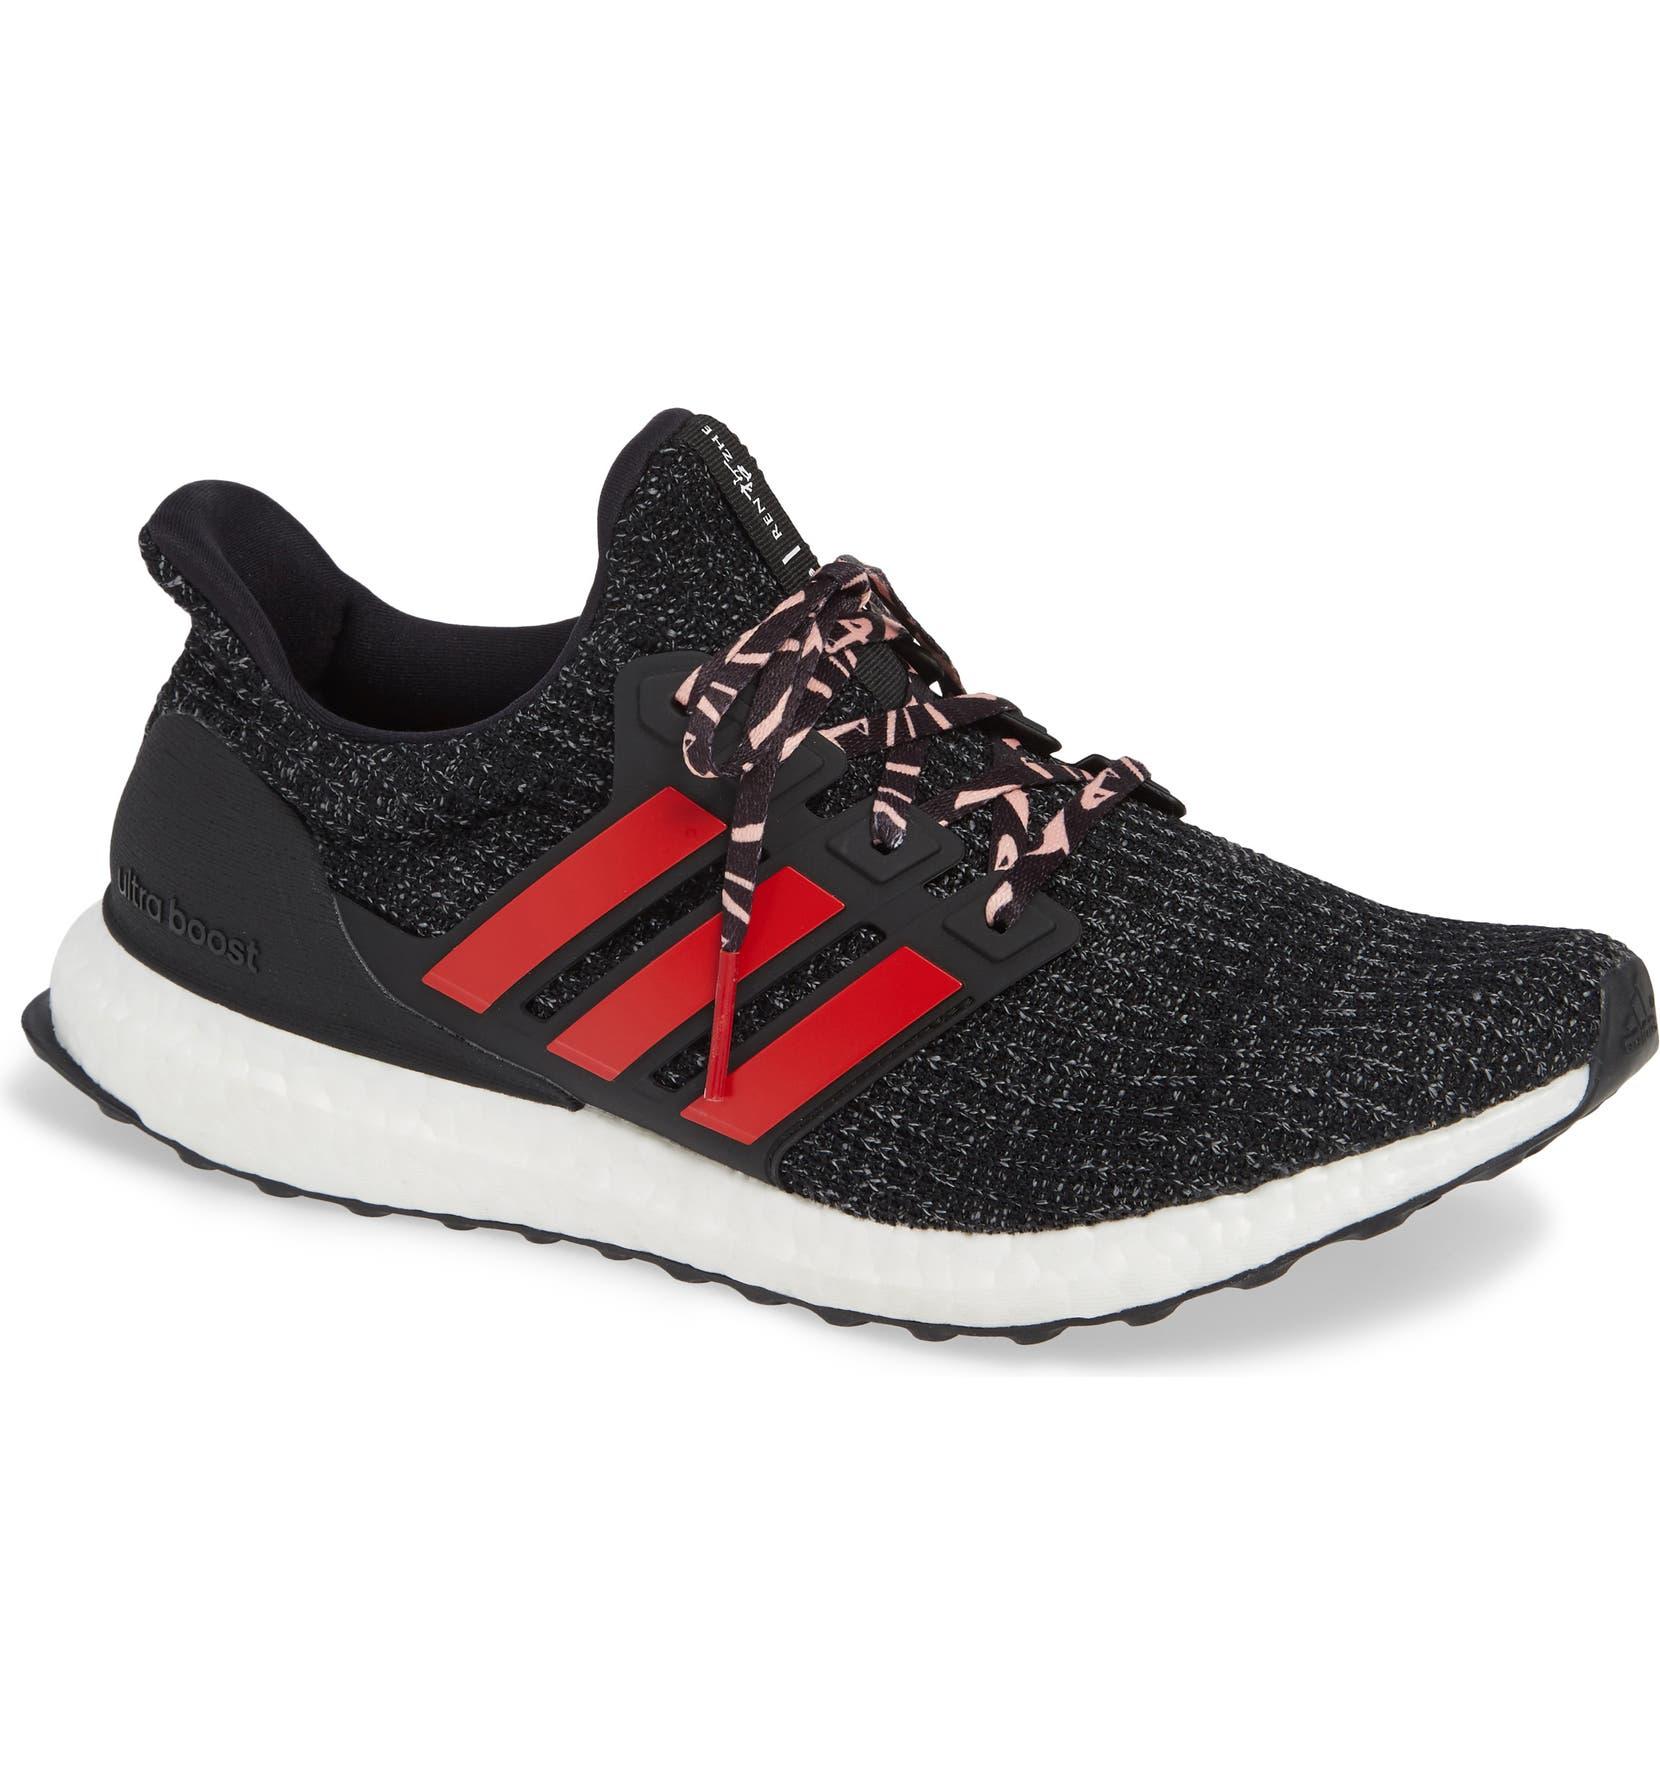 36a1da9a5a7 adidas  UltraBoost  Running Shoe (Men)